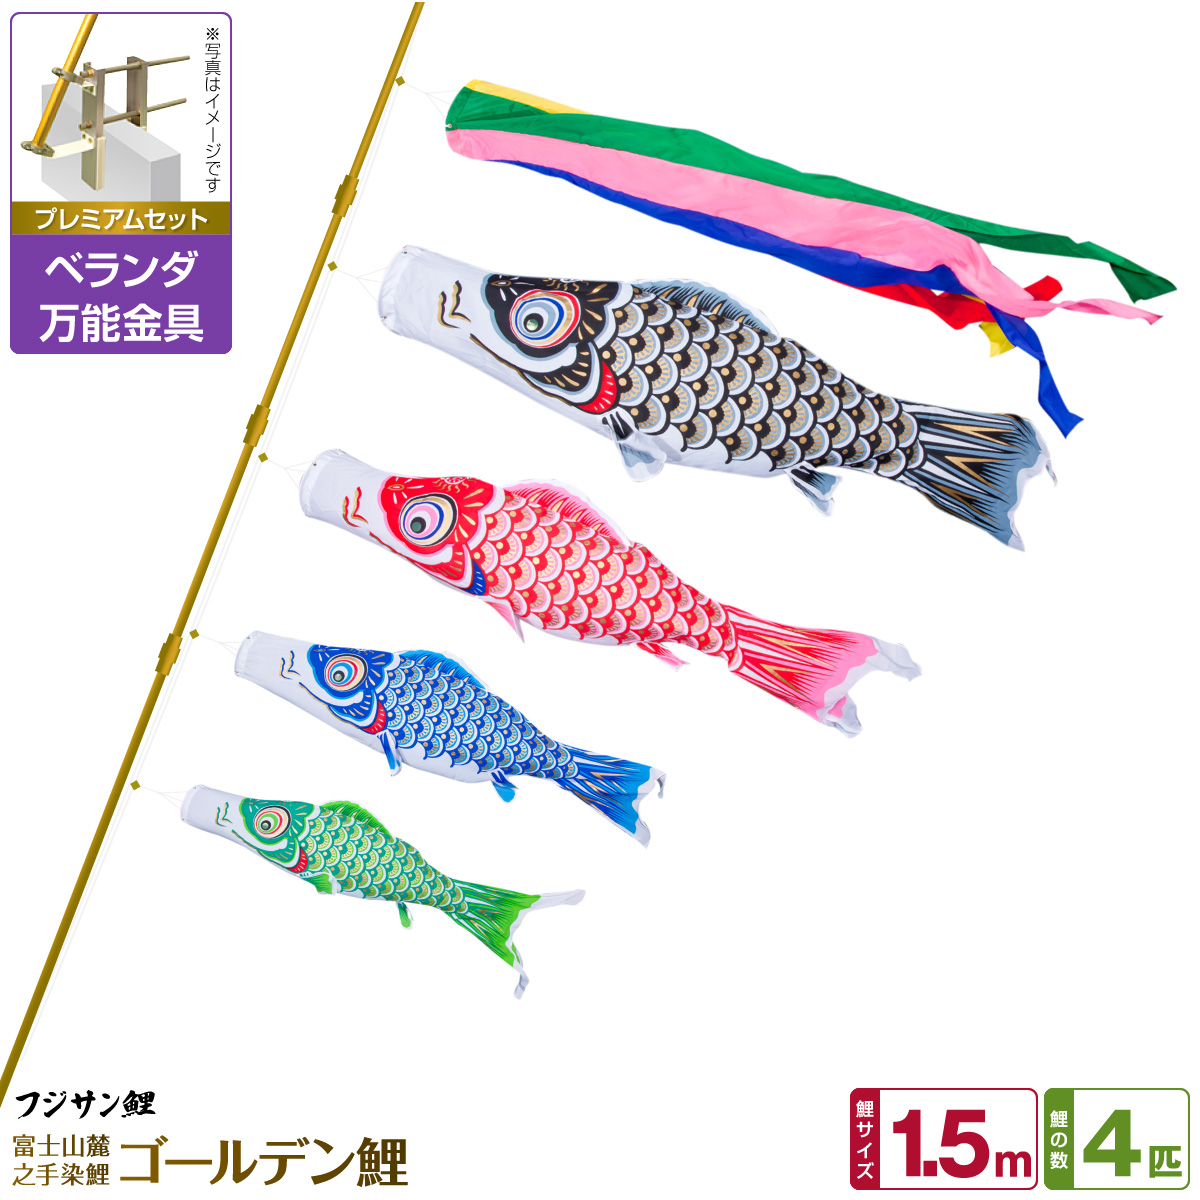 ベランダ用 こいのぼり 鯉のぼり フジサン鯉 ゴールデン鯉 1.5m 7点(吹流し+鯉4匹+矢車+ロープ)/プレミアムセット(万能取付金具)